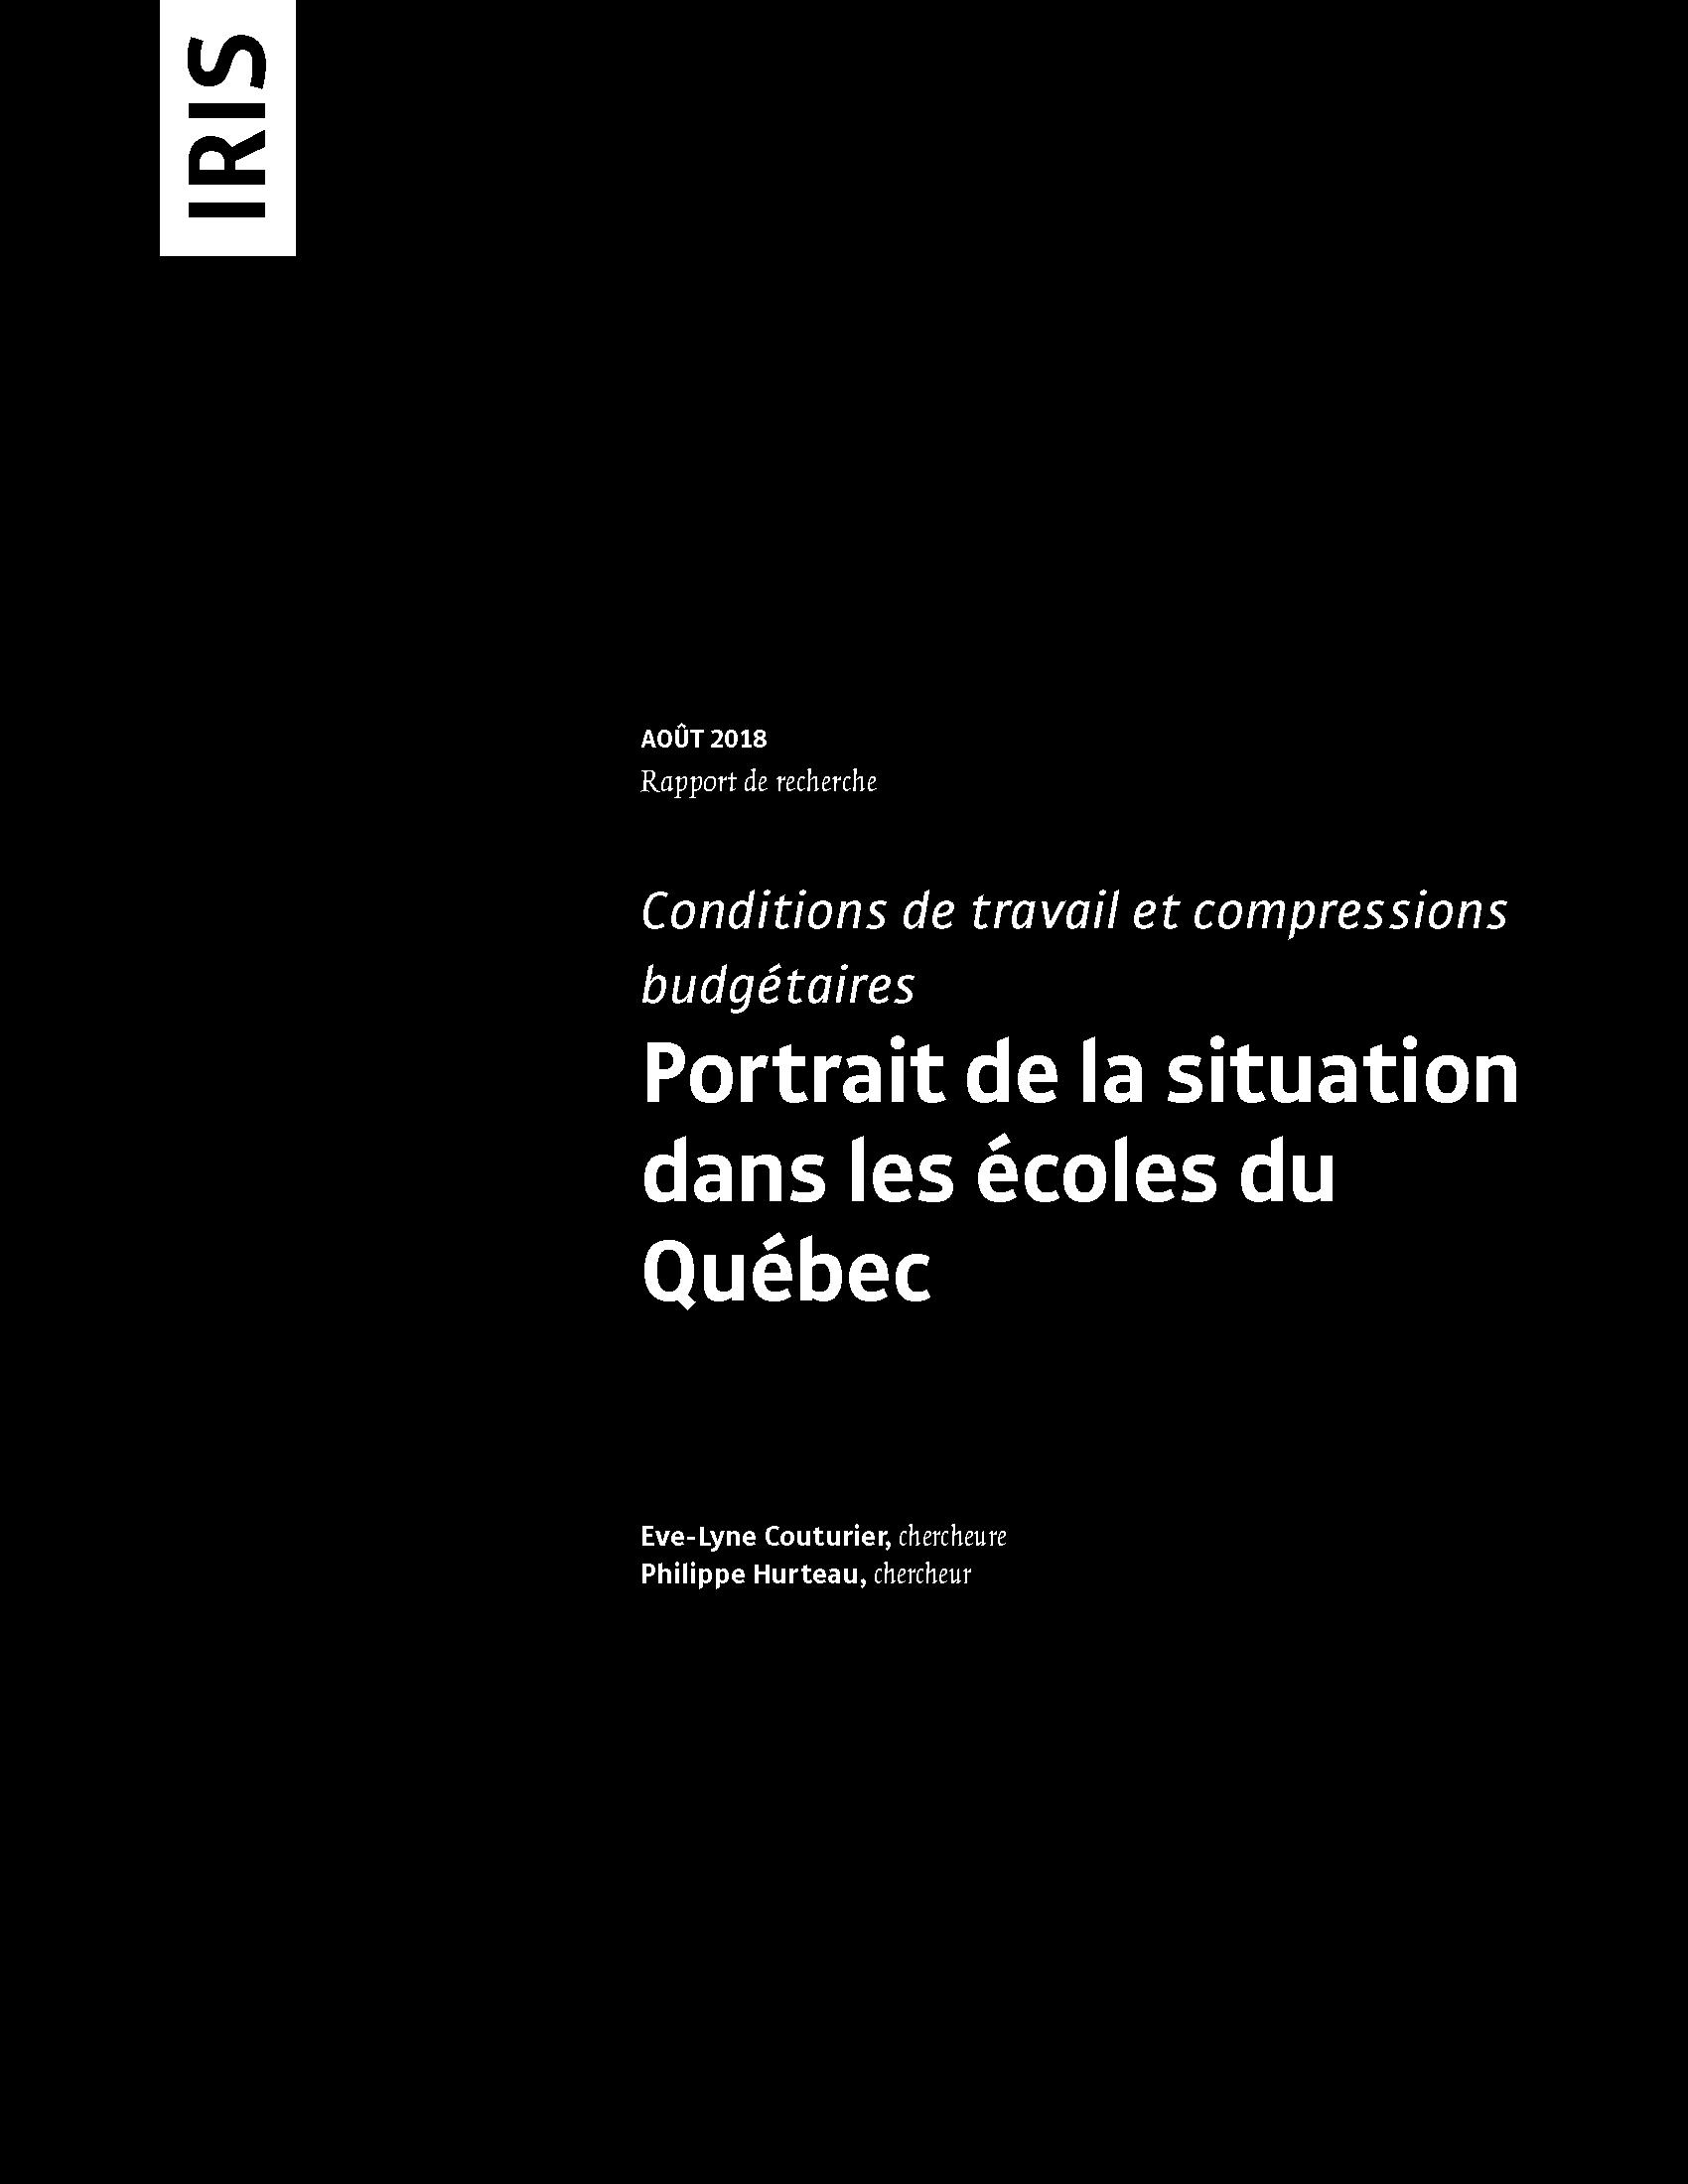 <b>Les conditions de travail et compressions budgétaires: <br> portrait de la situation dans les écoles du Québec </b>